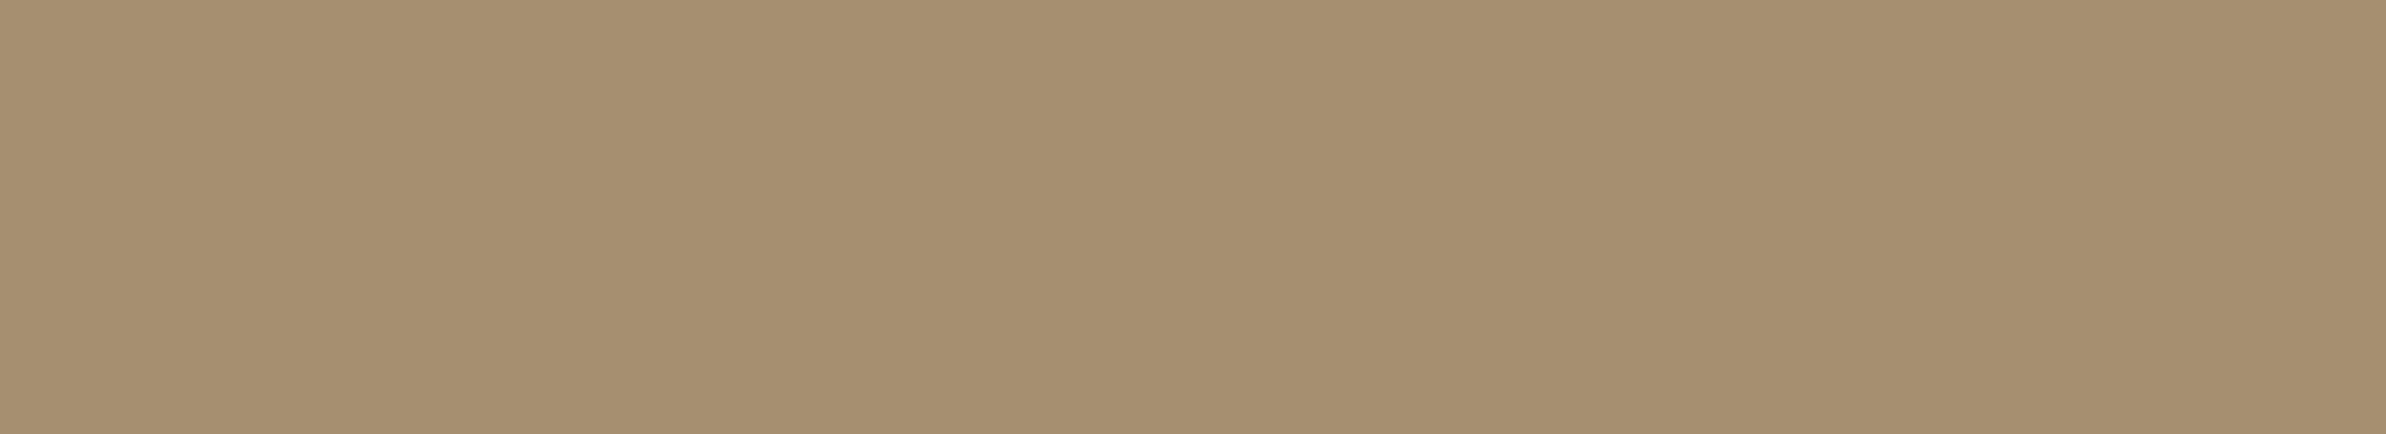 #1113 @ 3% - Grey